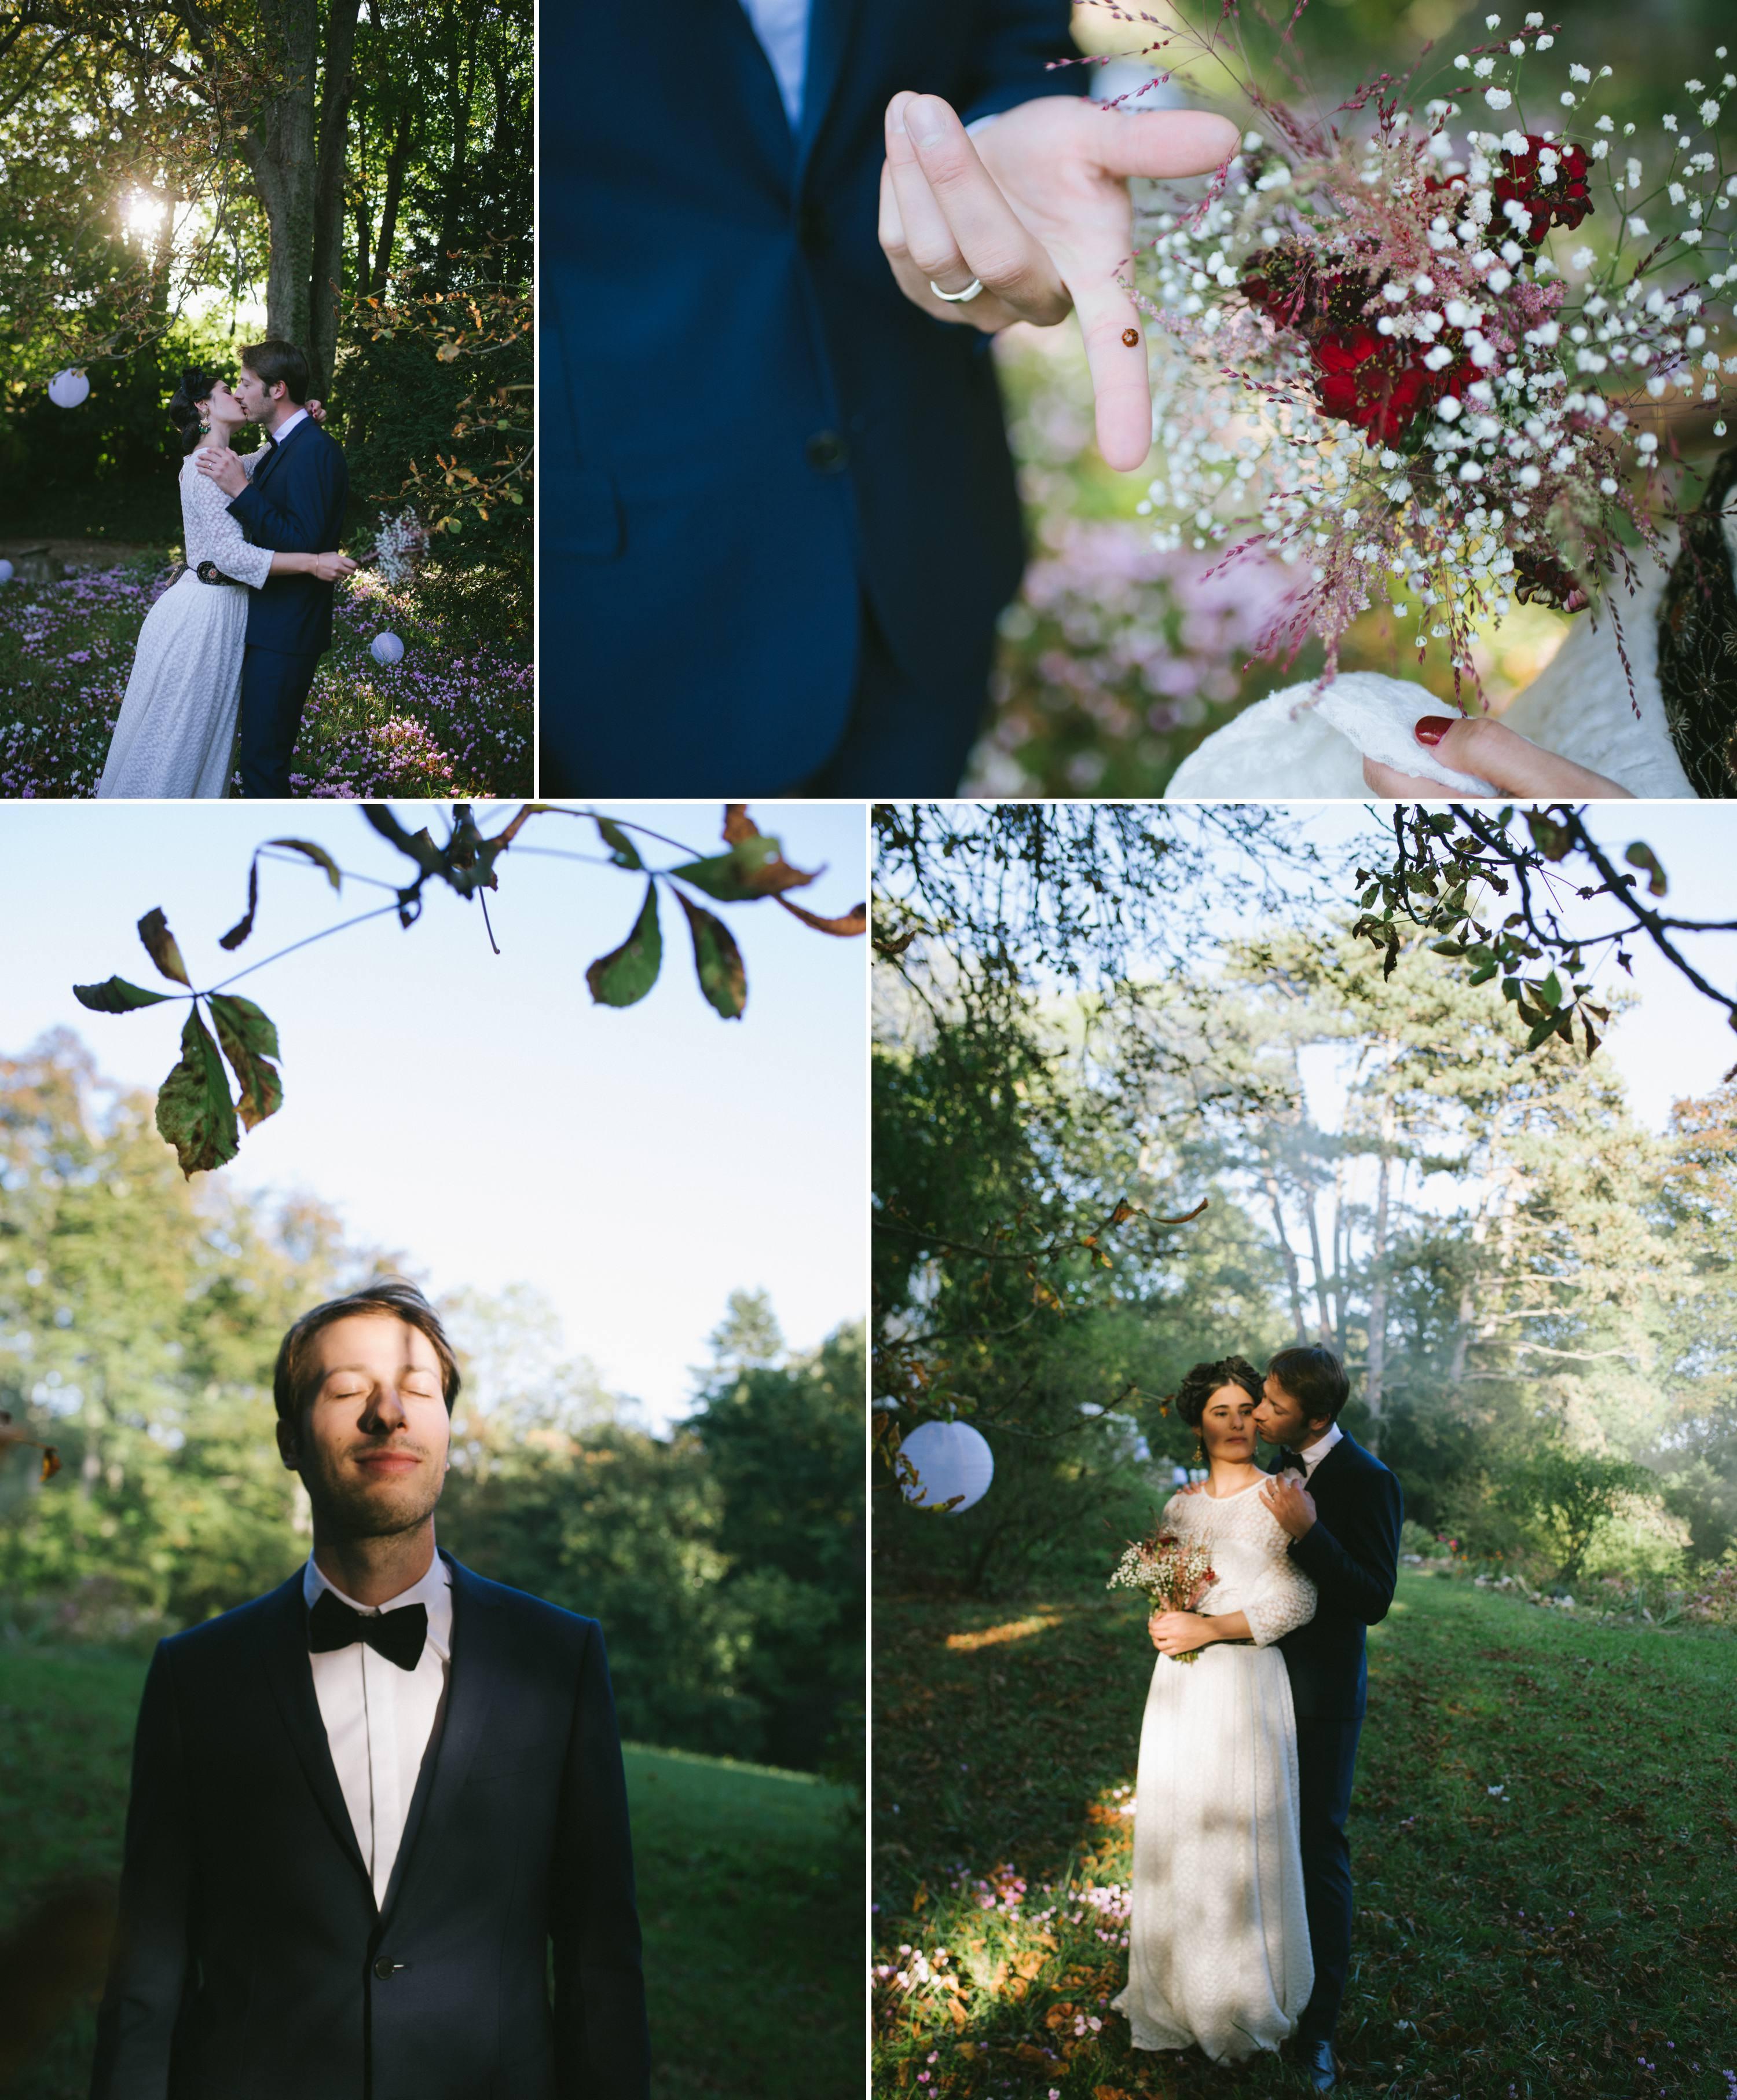 photographe-mariage-enclos-monptlaisir-paris-bordeaux 22